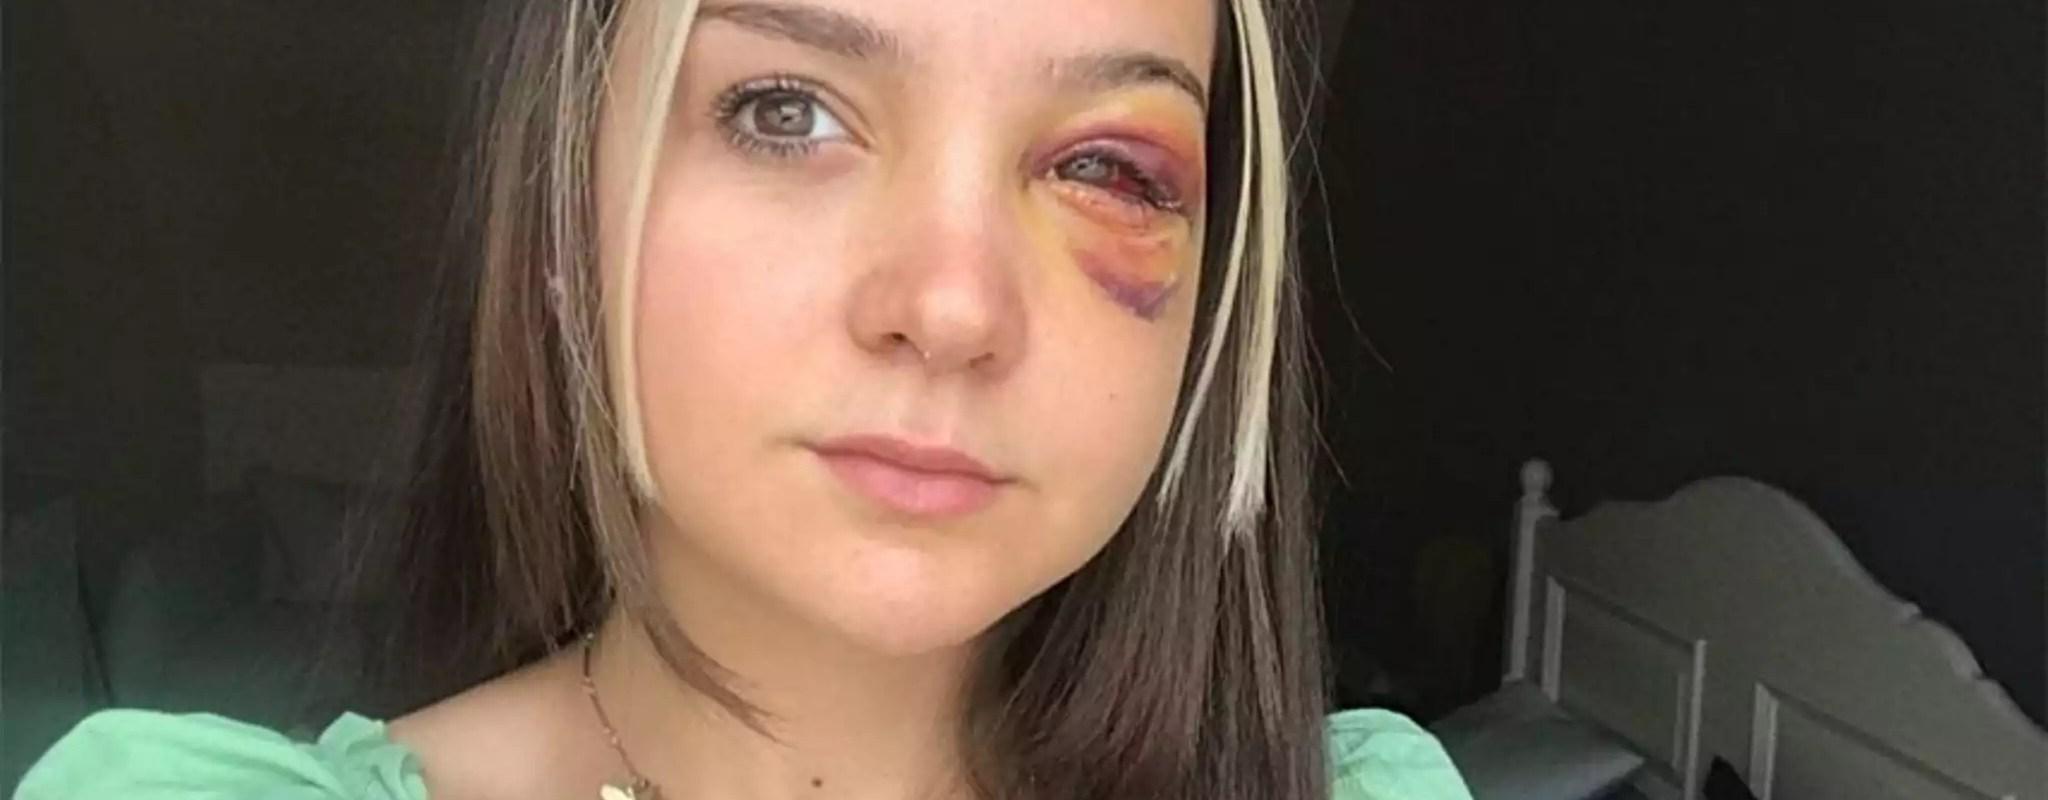 Fin de cavale pour le jeune homme suspecté d'avoir frappé deux filles au plan d'eau du Baggersee